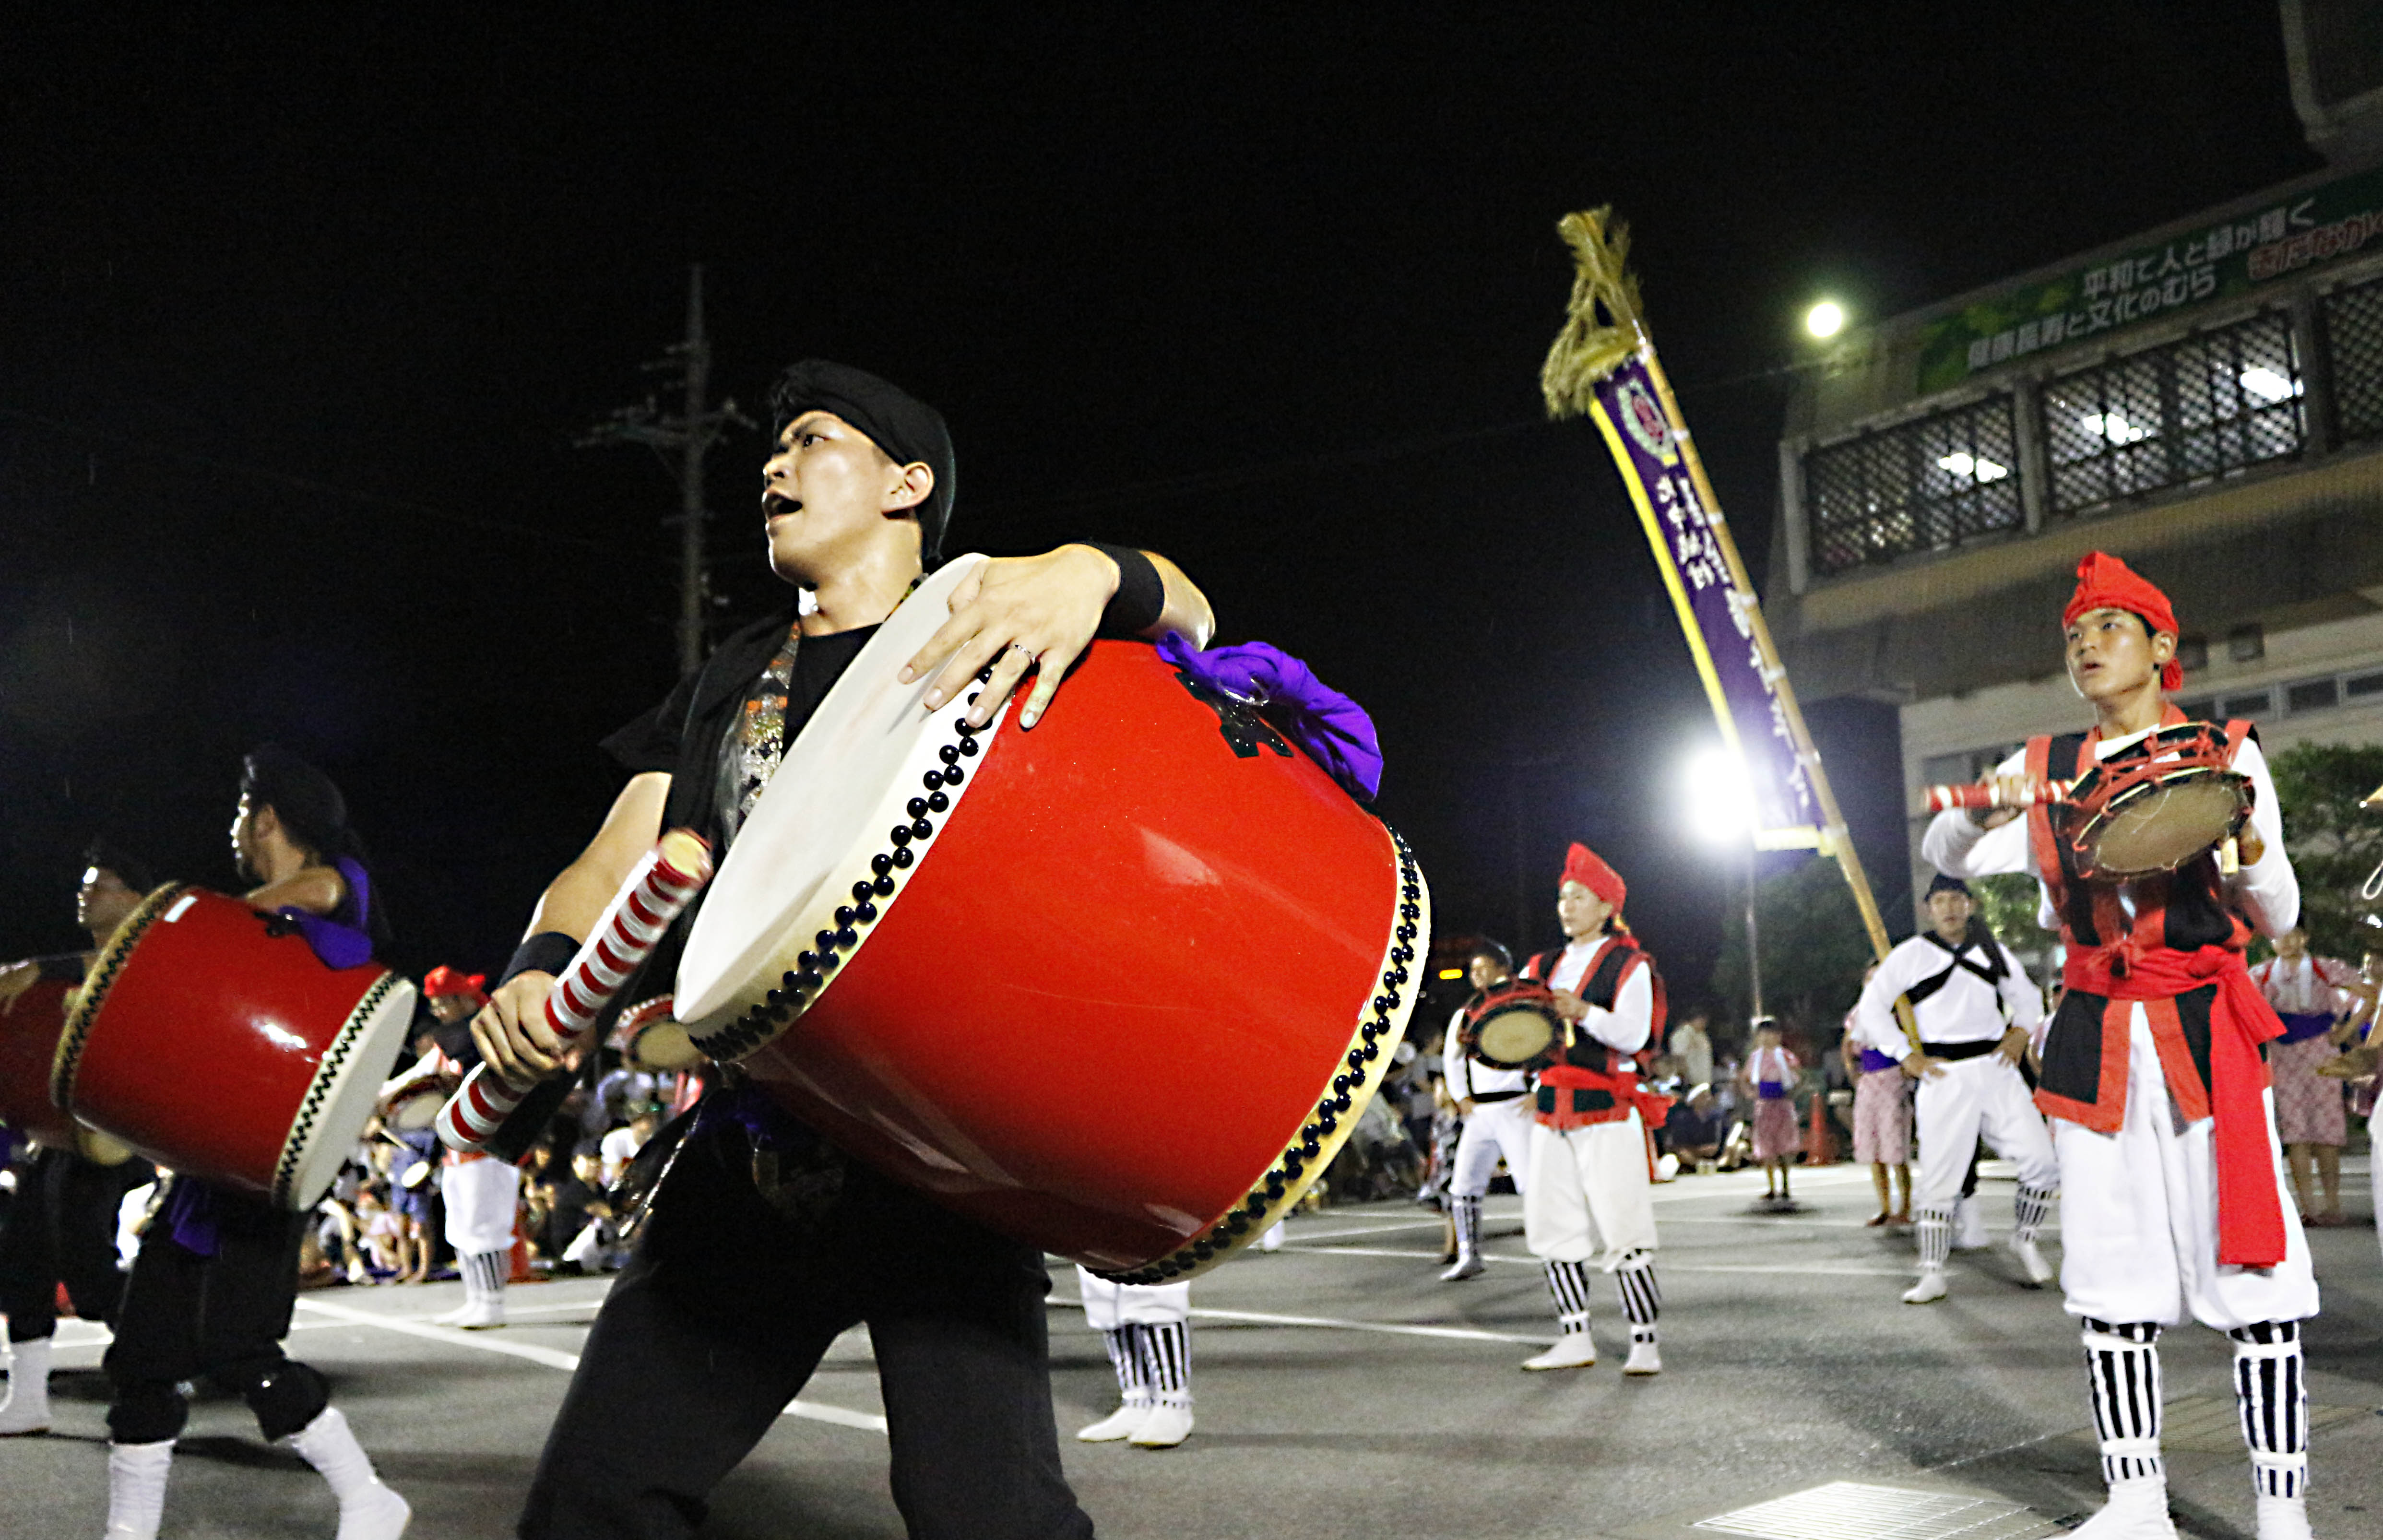 北中城村青年エイサーまつり昨年度前夜祭の様子様子